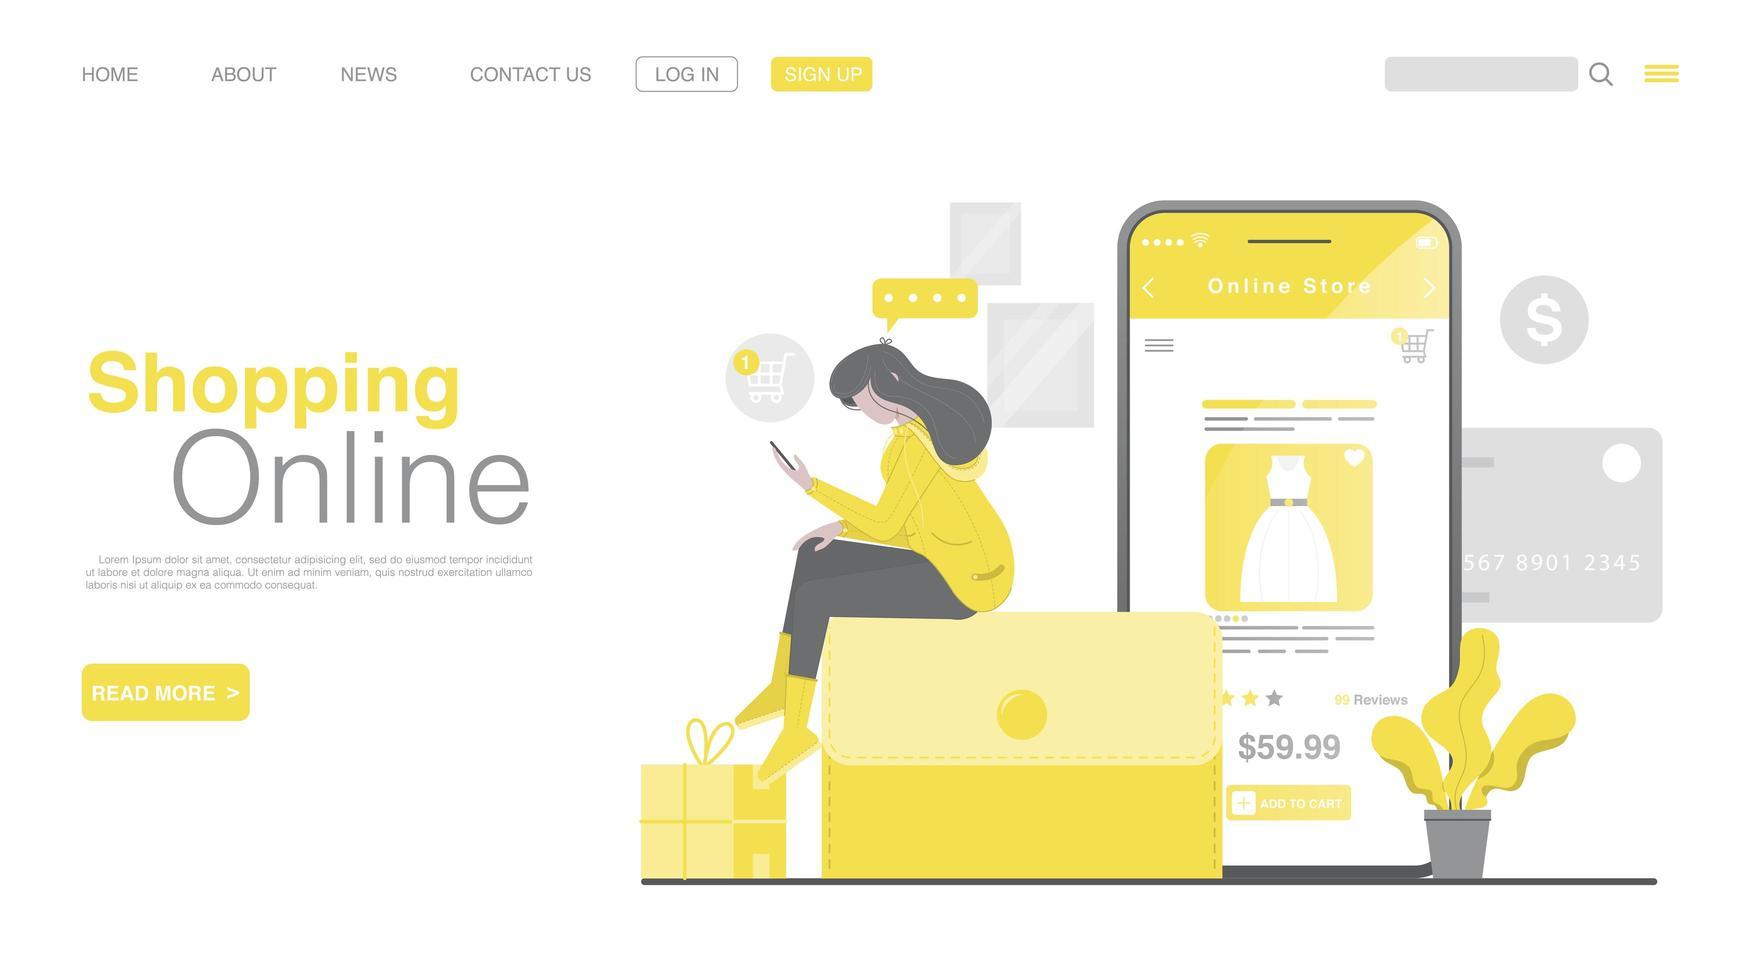 compras en línea y pago en línea en el sitio web o aplicación móvil. Página de inicio de pago en línea en estilo plano. vector